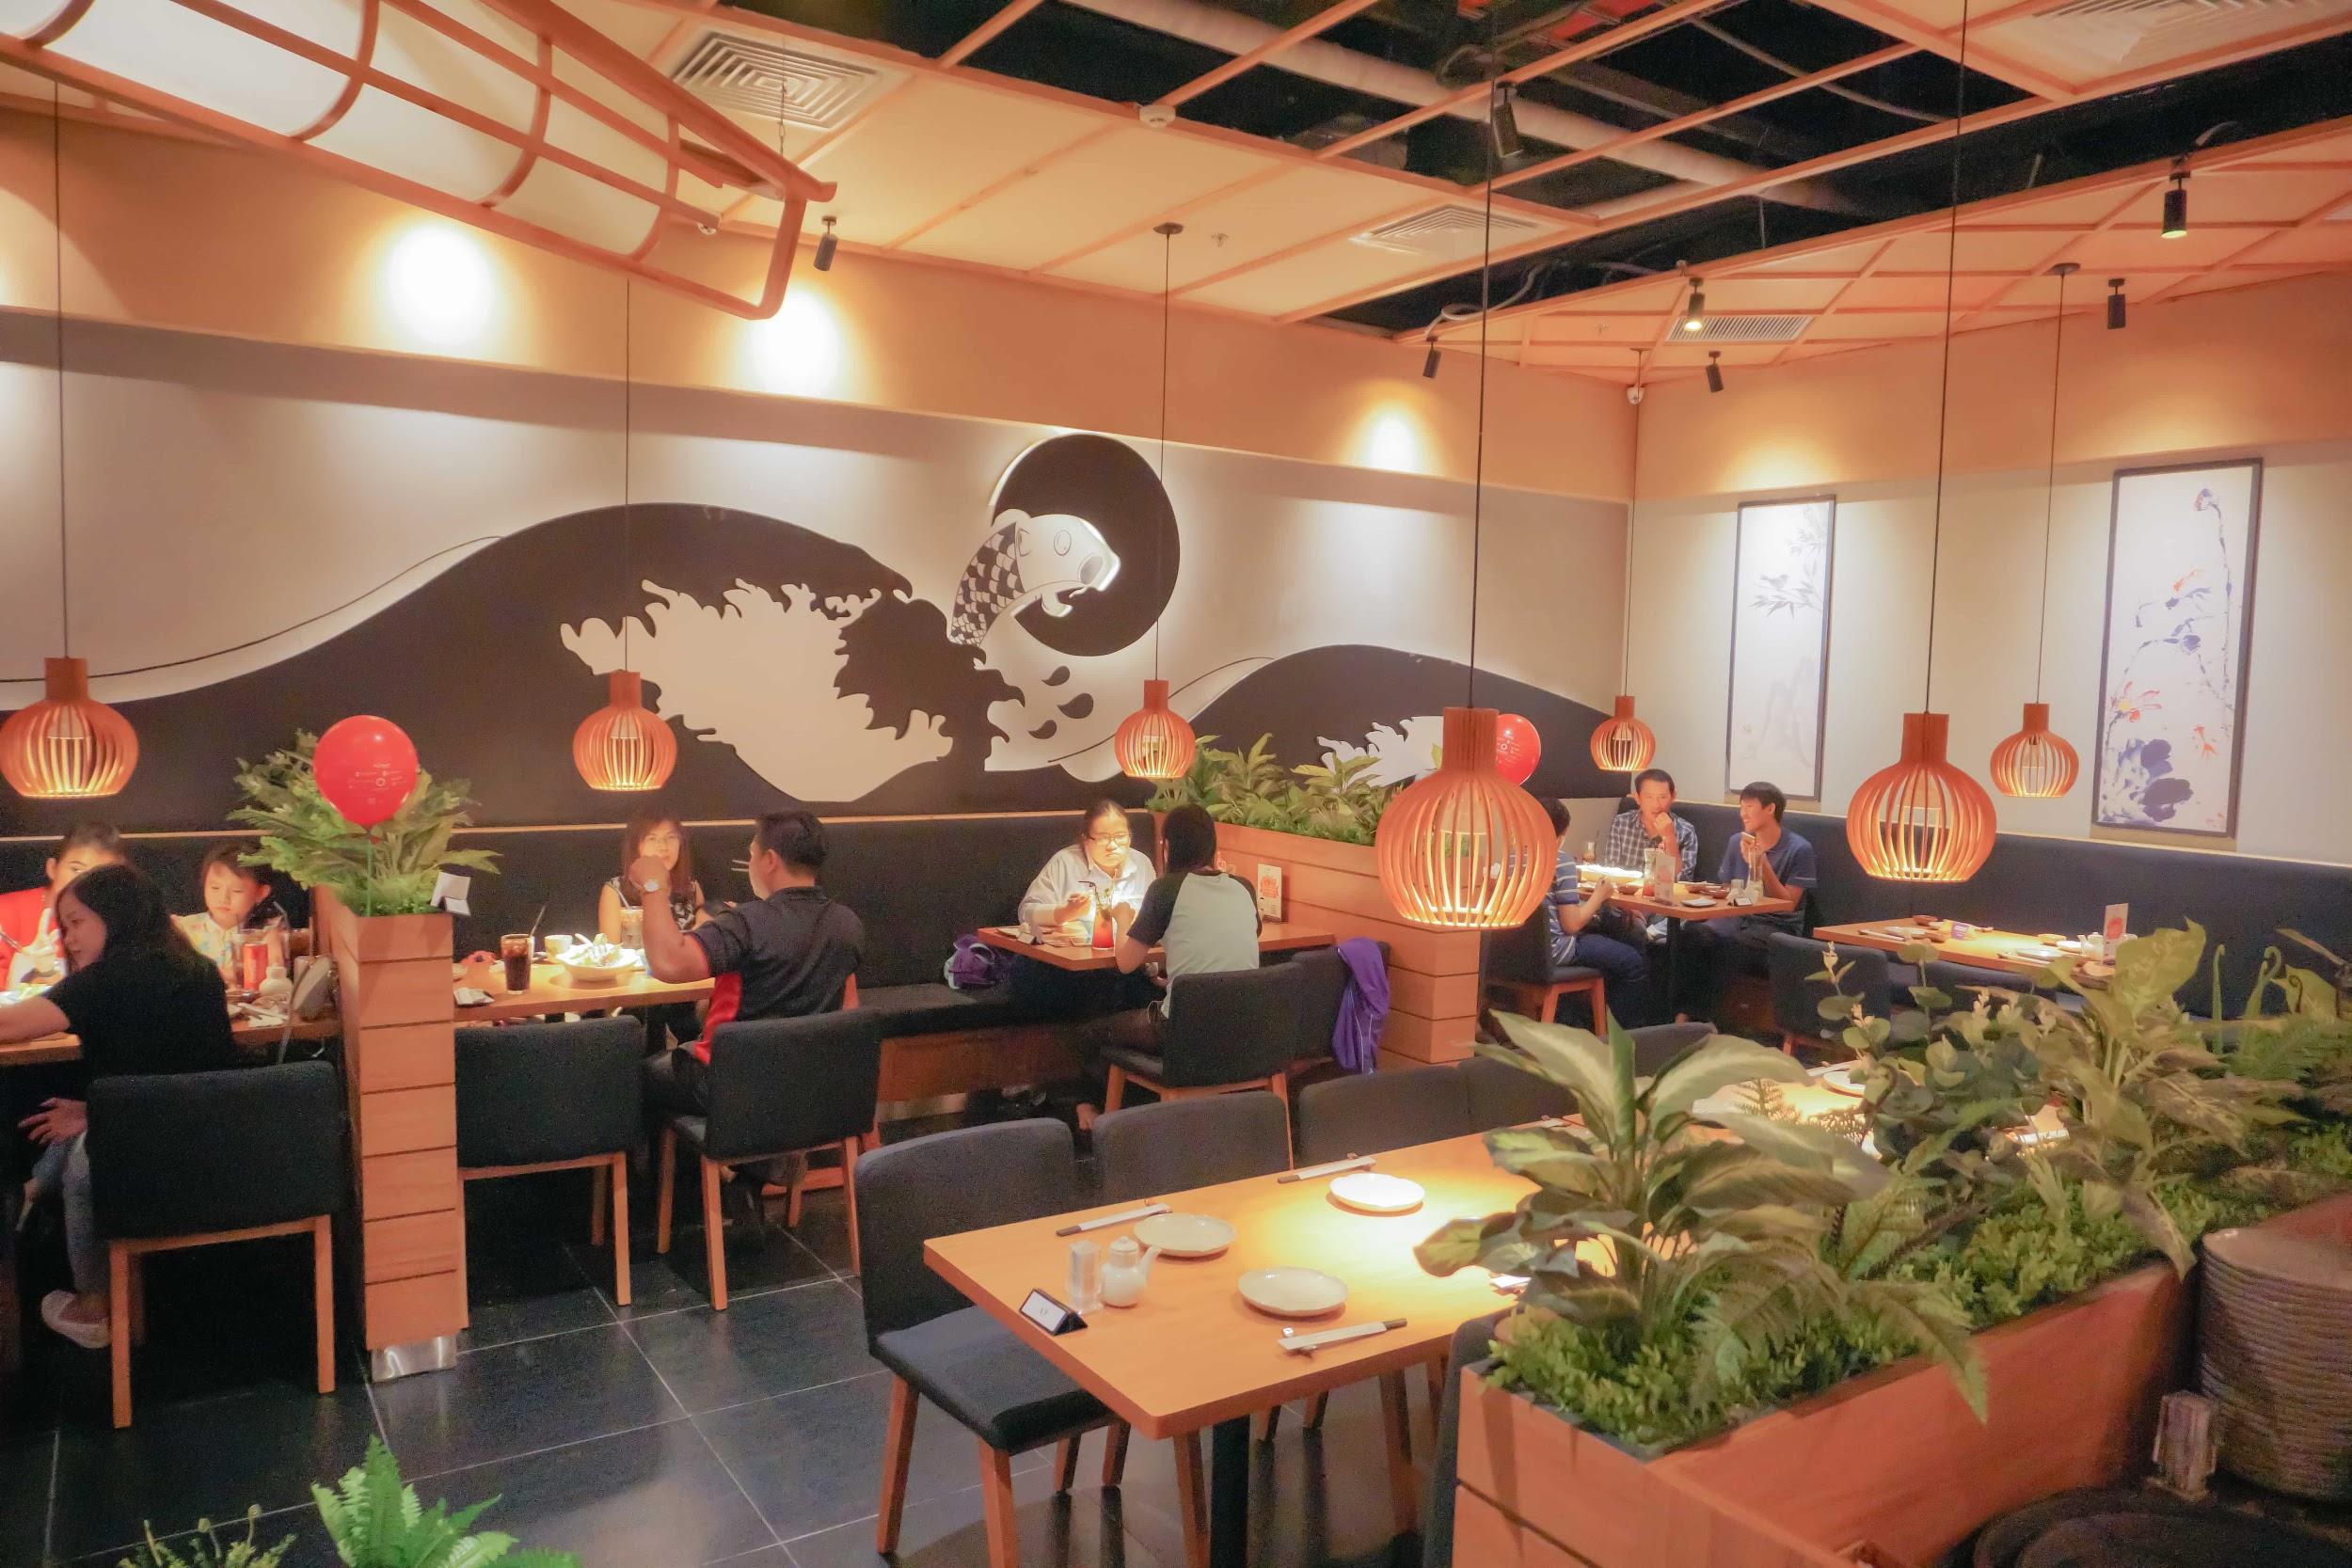 Kinh ngạc với cá ngừ khổng lồ 80kg cùng màn trình diễn chế biến chuyên nghiệp ngay tại nhà hàng Nhật - Sushi Kei - Ảnh 9.